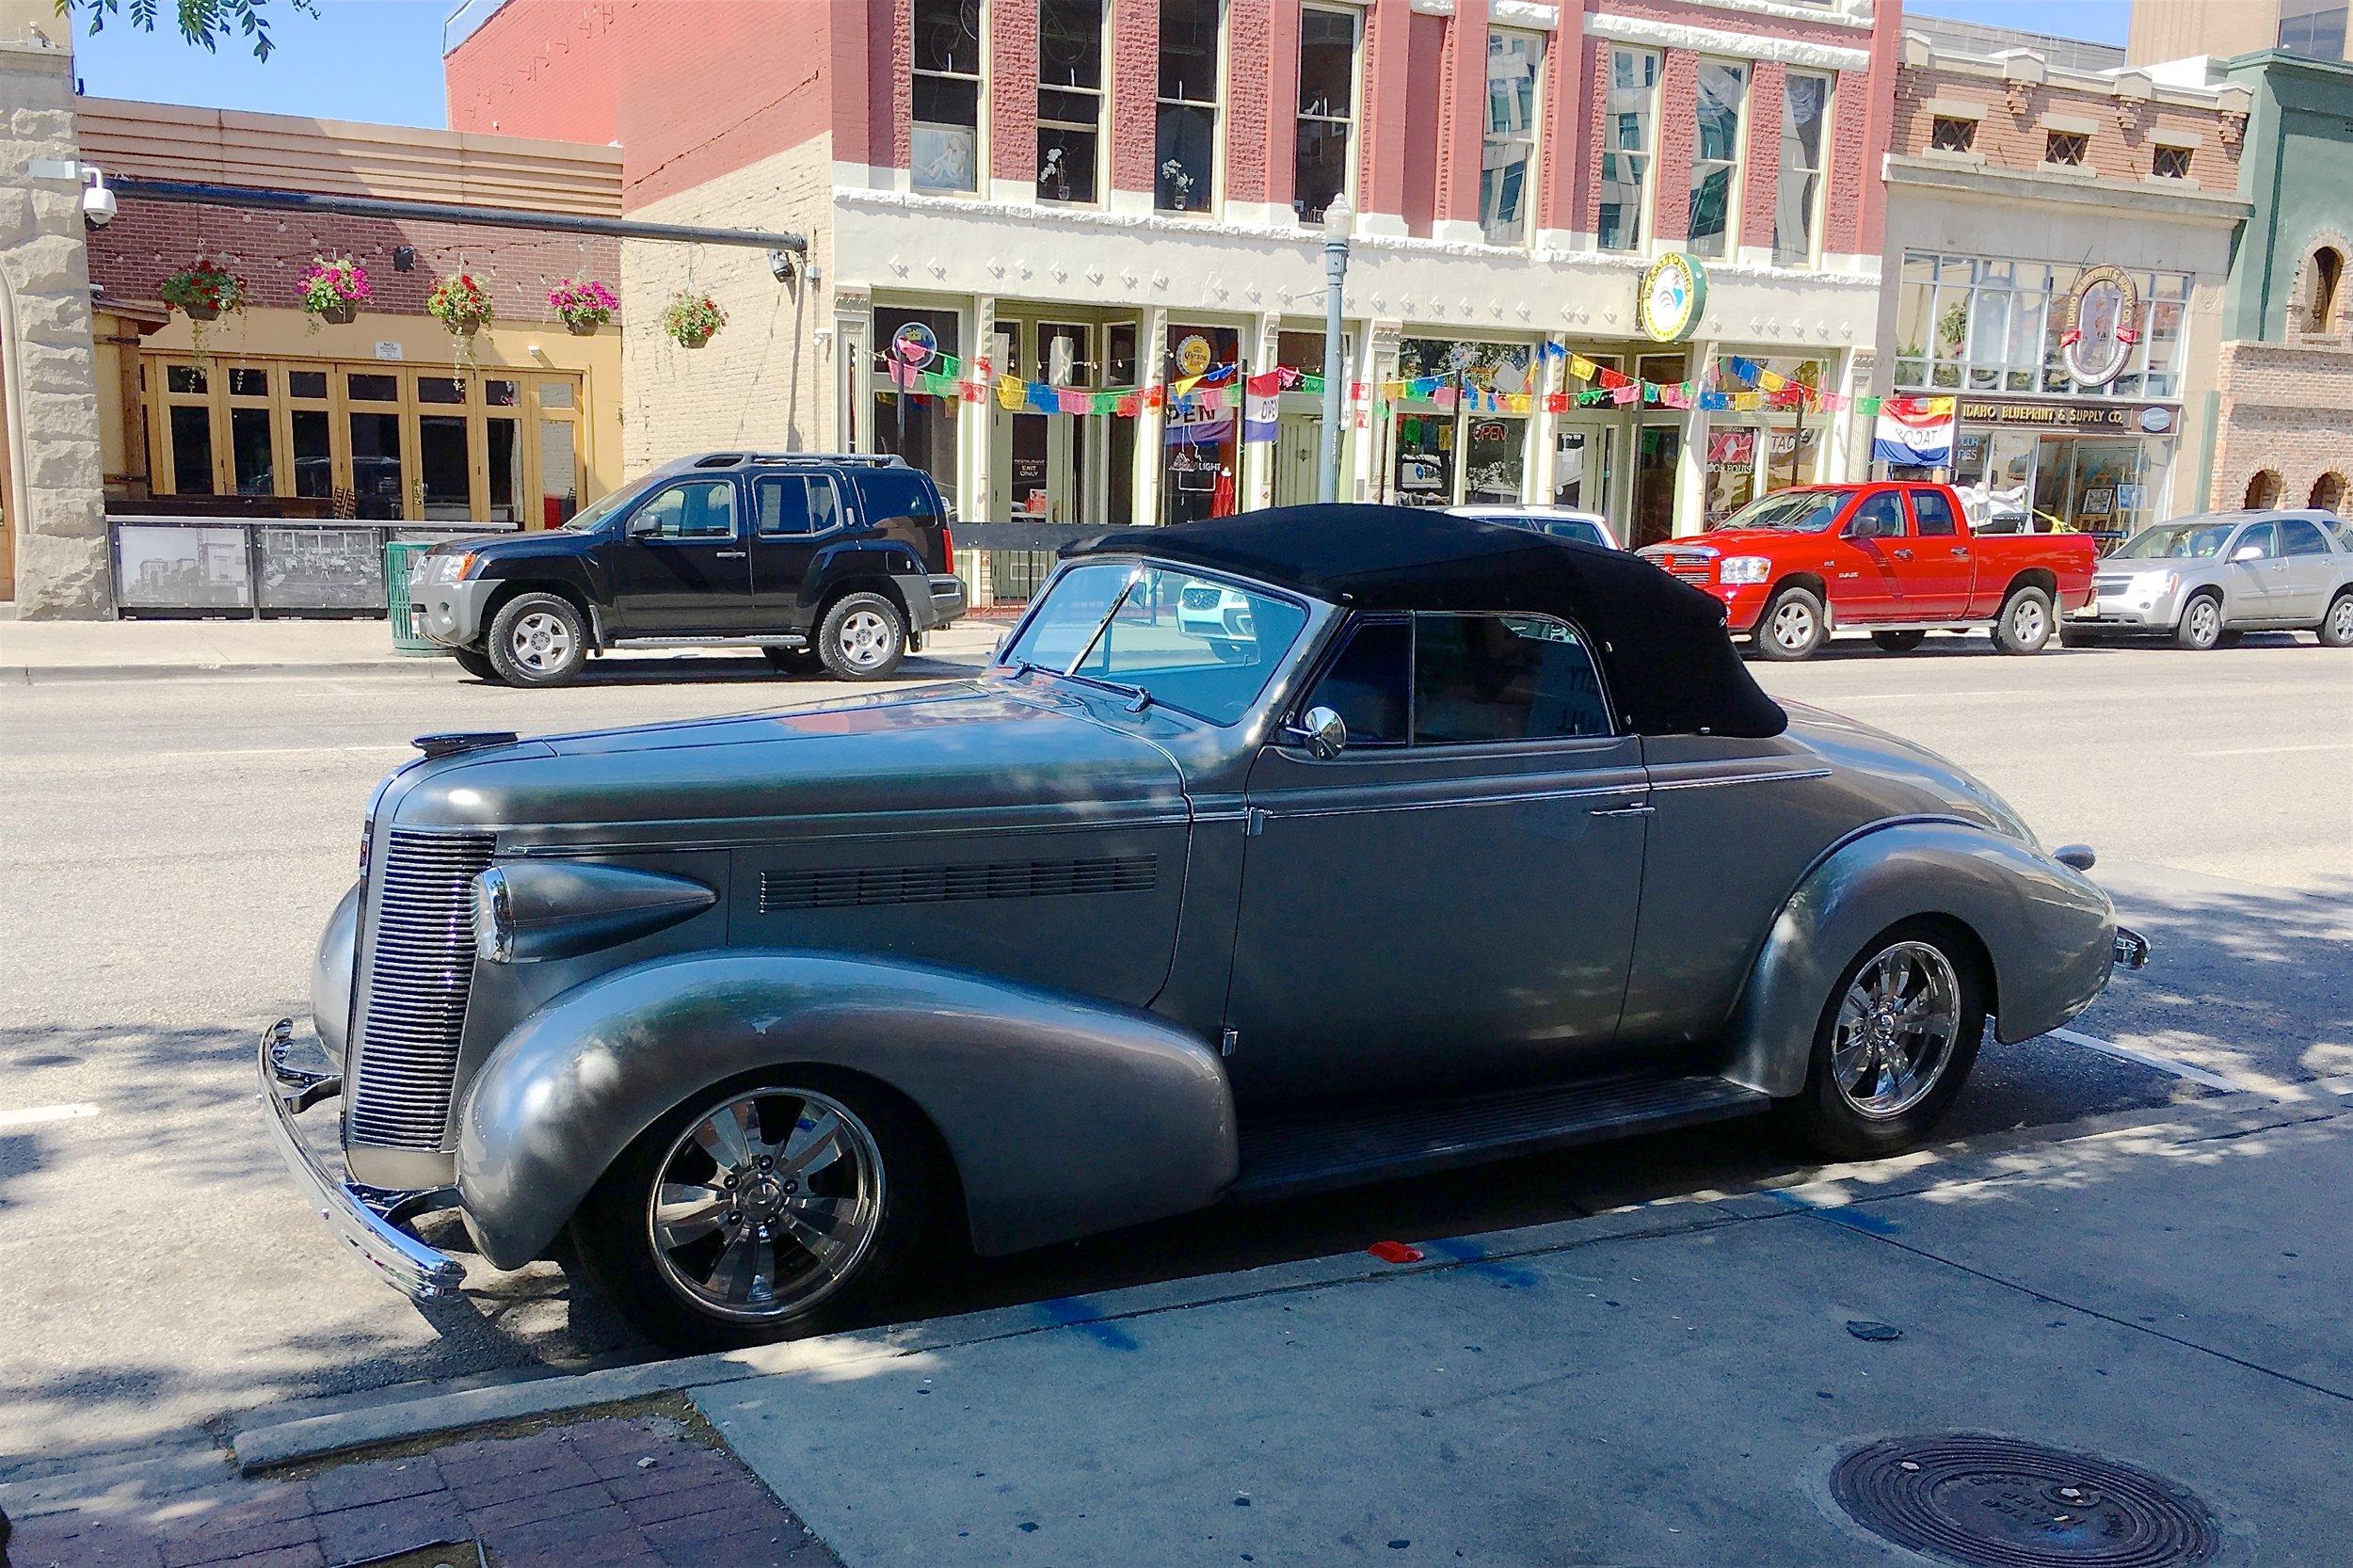 Classic car at rest